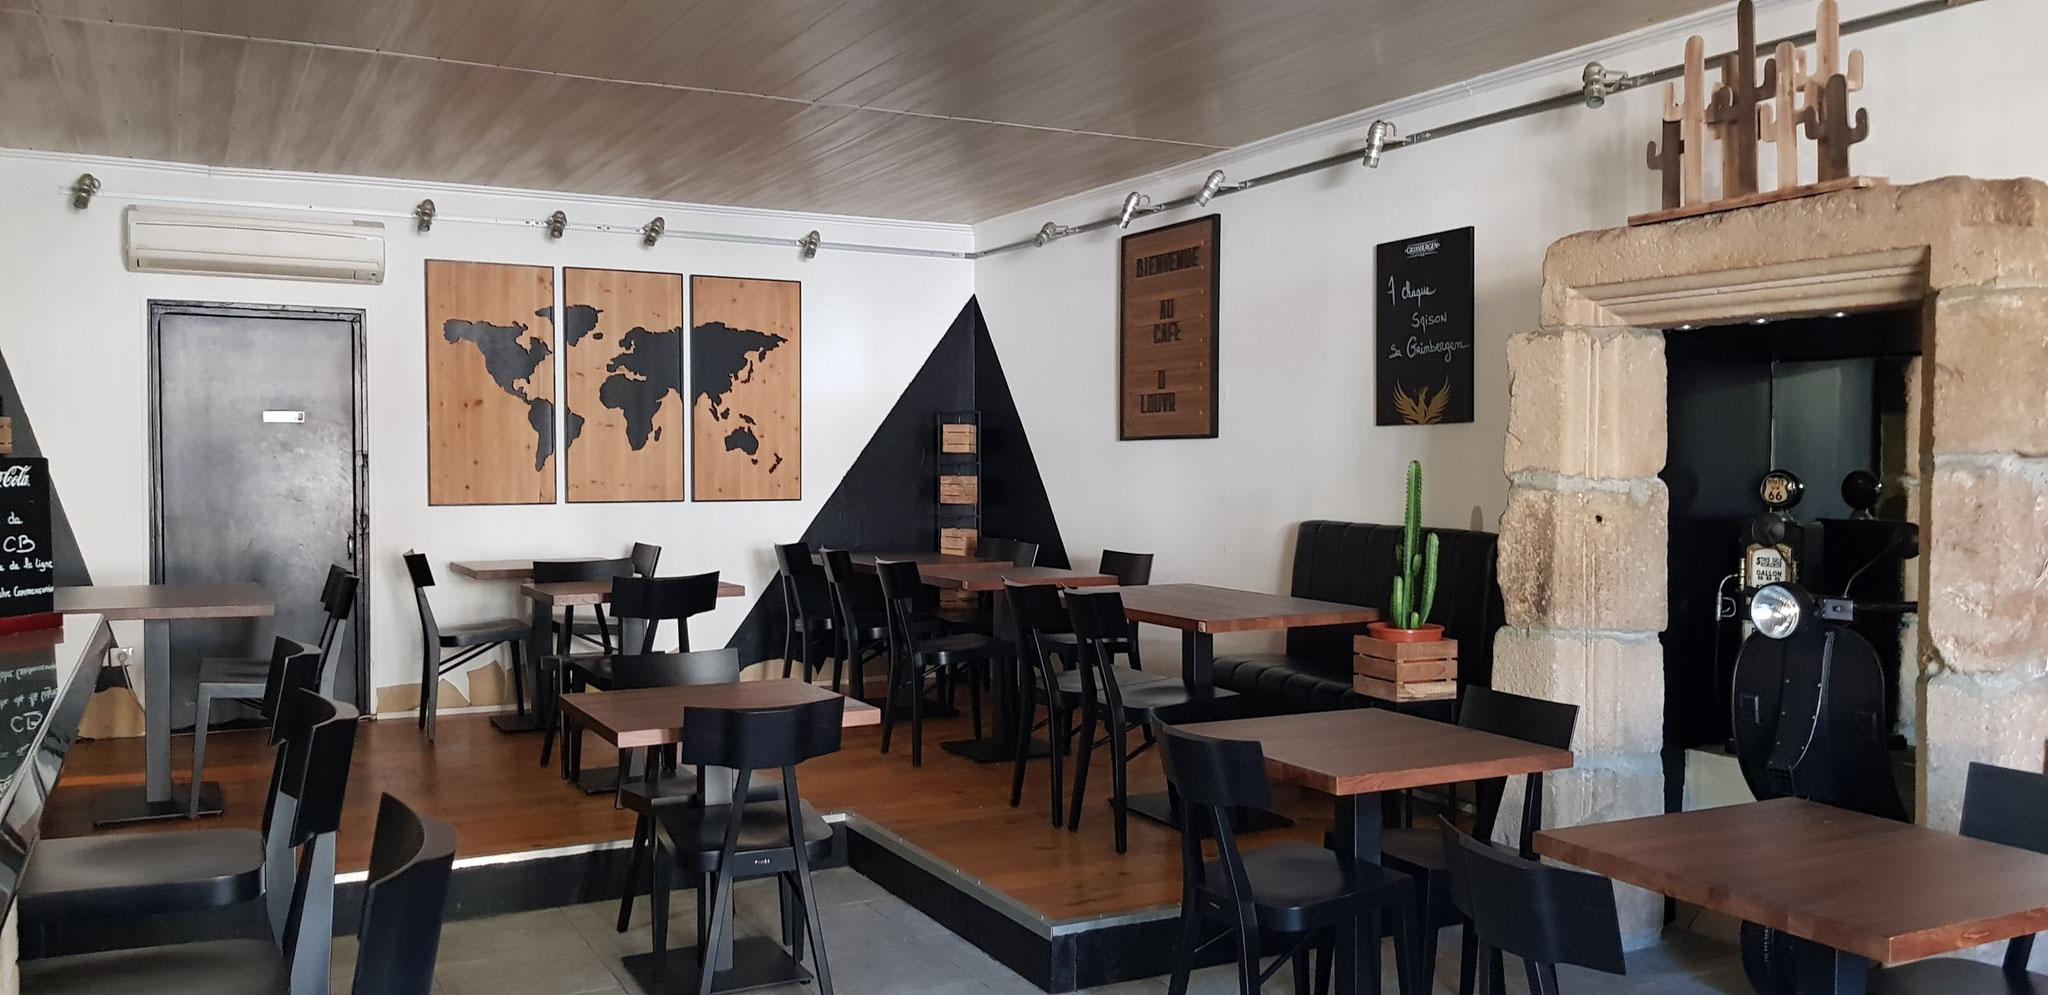 CAFÉ LE LOUVRE - Bar Restaurant Glacier - 16 Place du Bosquet - 04 66 46 12 44